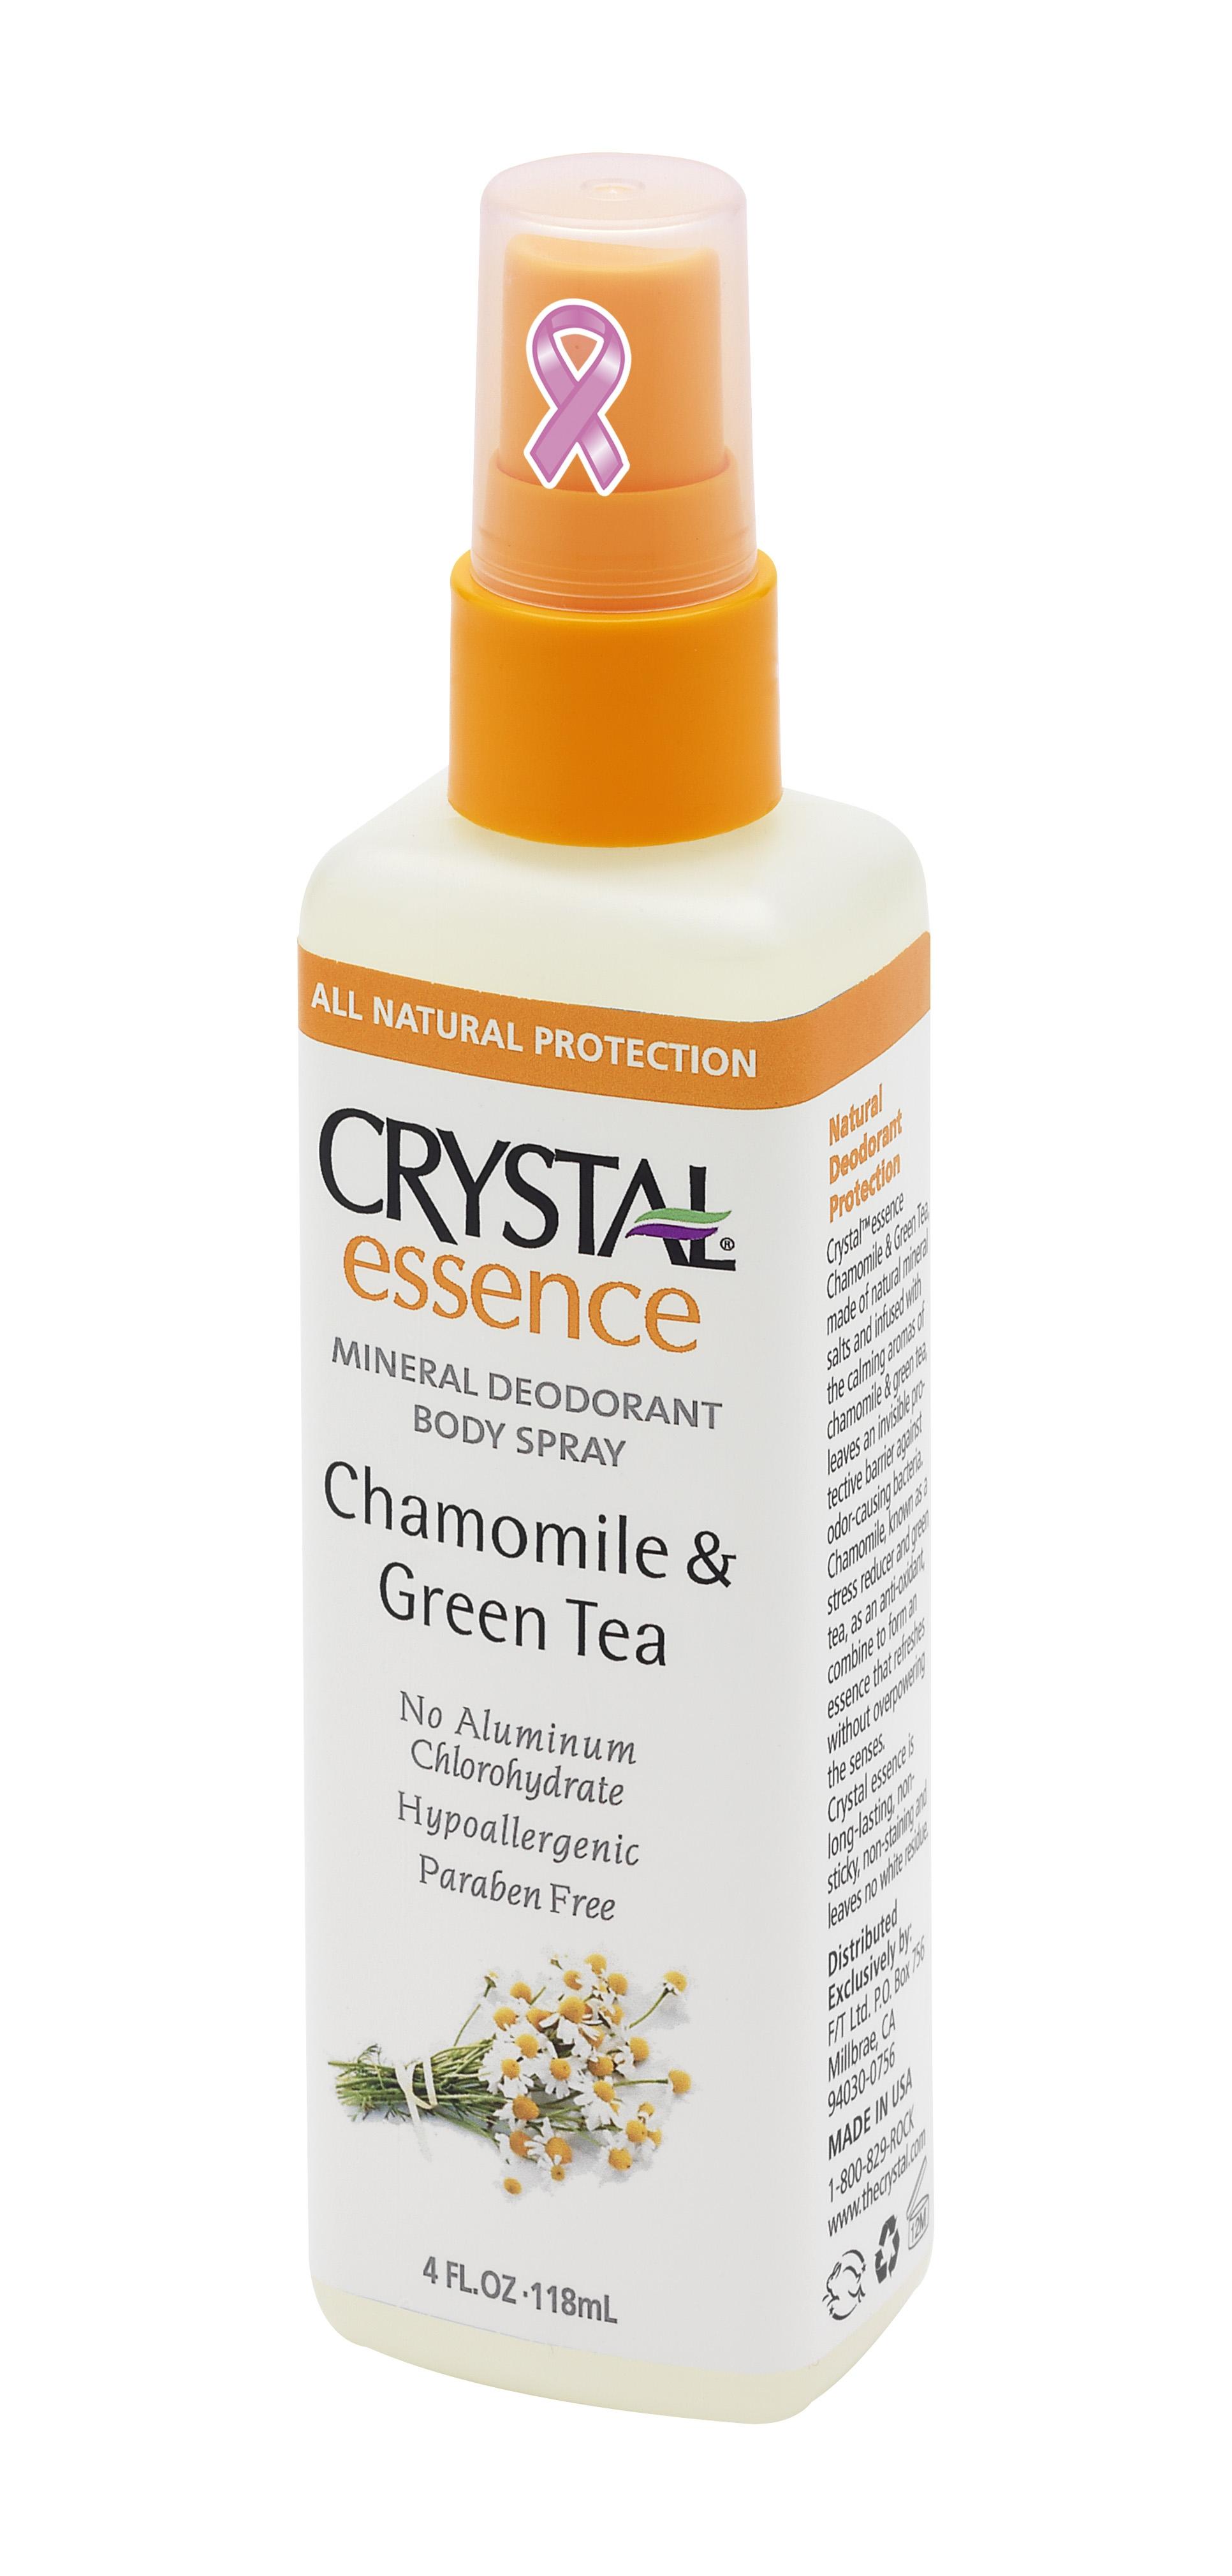 CRYSTAL Дезoдорант-спрей Ромашка+Зеленый чай Crystal Sprey Chamomile &amp; GreenTea 118млДезодоранты<br>Антибактериальный дезодорант-спрей Кристалл Эссенсе для тела. Создан на основе натуральных минеральных солей с экстрактами ромашки и зеленого чая. Предназначен для полной защиты от бактерий и неприятного запаха в течение дня. Обладает мощным антибактериальным эффектом в сочетании с легкими и нежными ароматами ромашки и зеленого чая. Комбинация успокаивающего действия ромашки и мощных антиоксидантов зеленого чая оказывает чрезвычайно благотворное влияние на Вашу кожу. Улучшенная конструкция спрея-распылителя позволяет нежно и экономно нанести дезодорант на Вашу кожу. Не содержит консервантов, не вызывает аллергии. Не прилипает и не оставляет белых следов или разводов на одежде. Способ применения: нажимая на распылитель нанести дезодорант на чистую кожу в утреннее время, после душа или ванны. Активные ингредиенты: натуральные минеральные соли (Potassium Alum), очищенная вода, квасцы калия, эфирные масла, целлюлоза, экстракт ромашки и зеленого чая.<br><br>Тип: Дезодорант-спрей